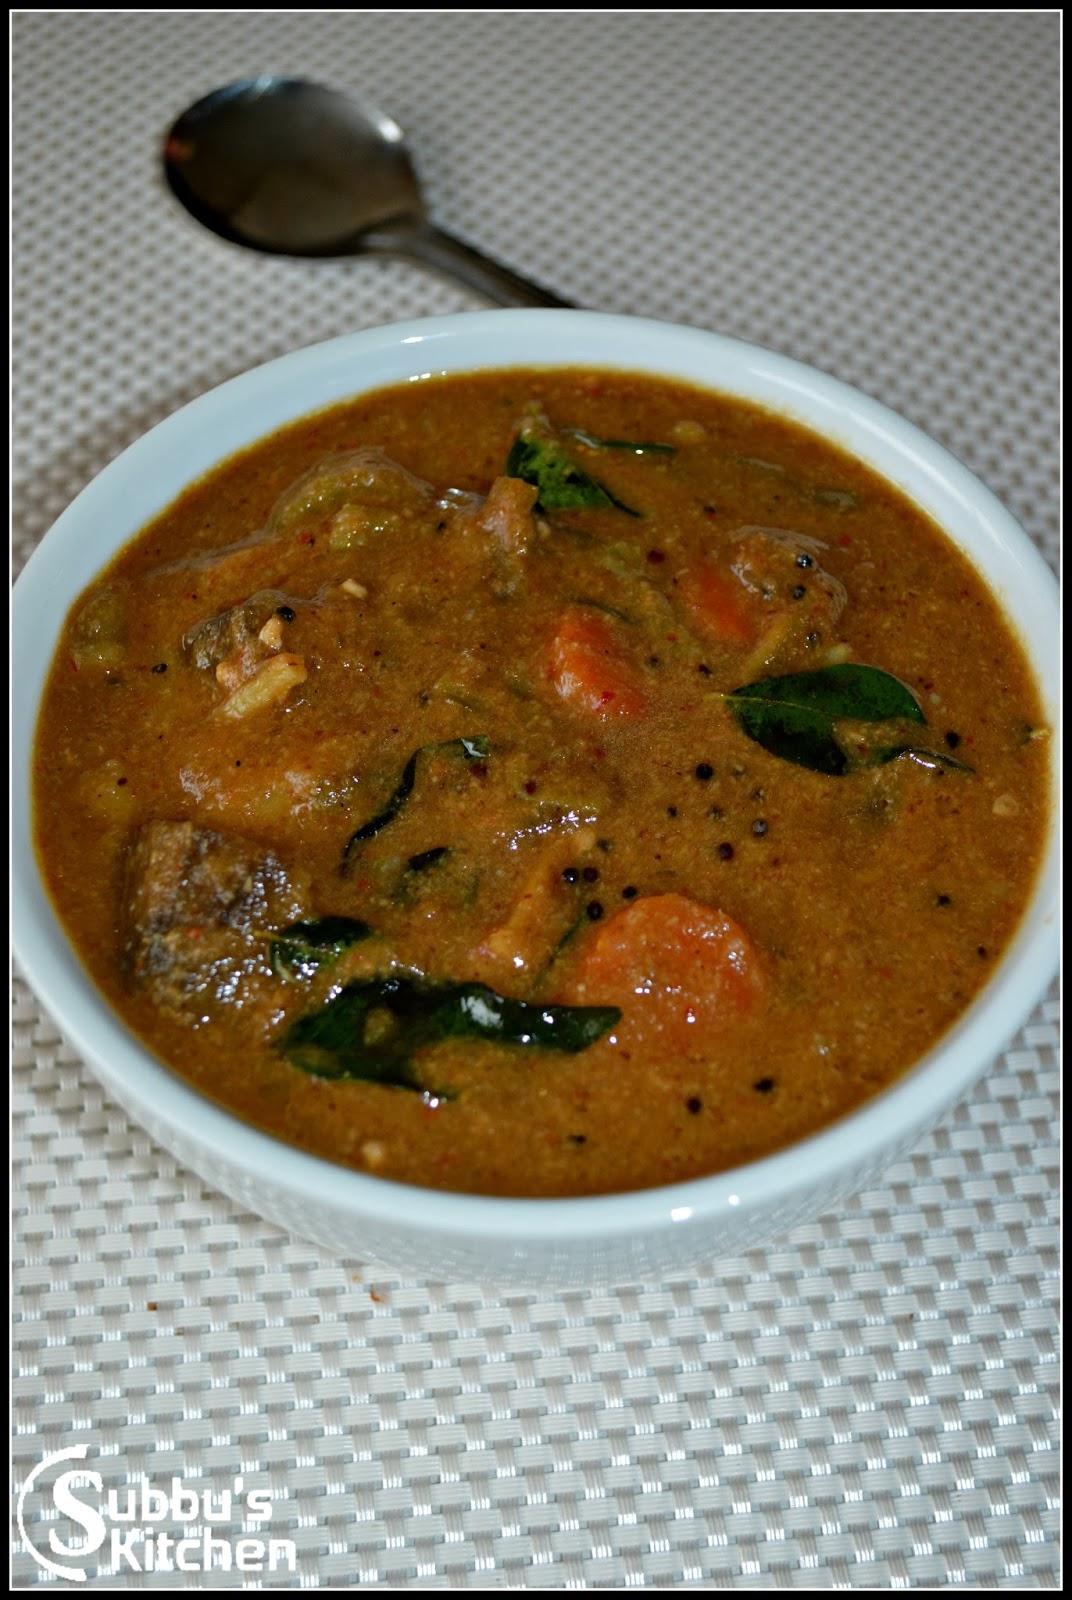 Thrivathirai Thalagam (7 Kari Kootu)